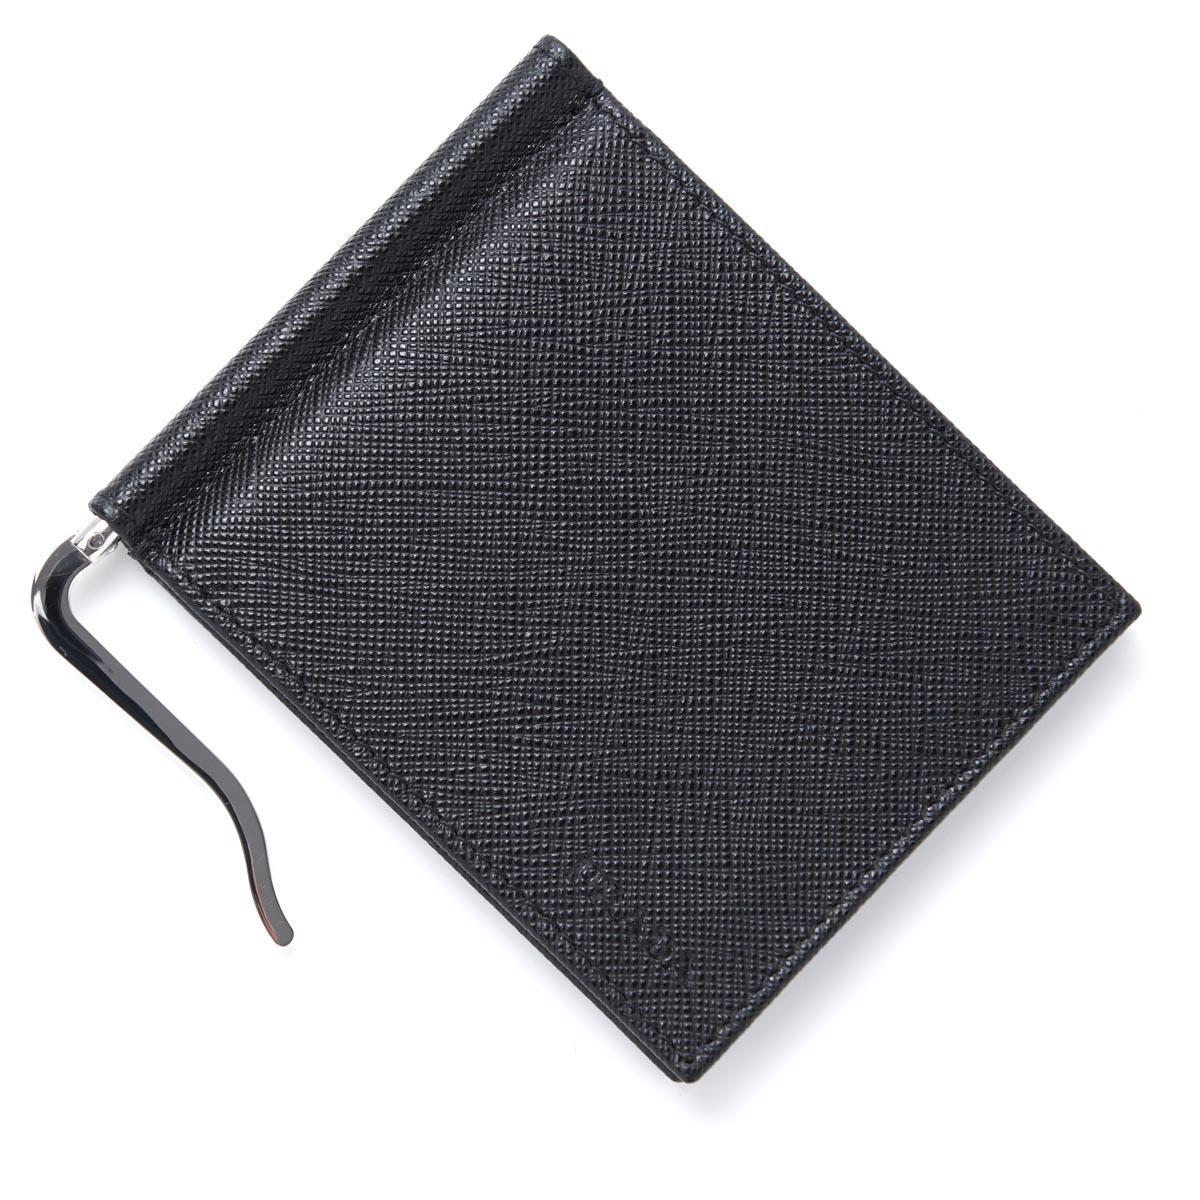 プラダ PRADA マネークリップ カードケース ブラック メンズ ウォレット 財布 ギフト プレゼント 2mn077 053 f0002【あす楽対応_関東】【ラッピング無料】【返品送料無料】【180625】【180702】